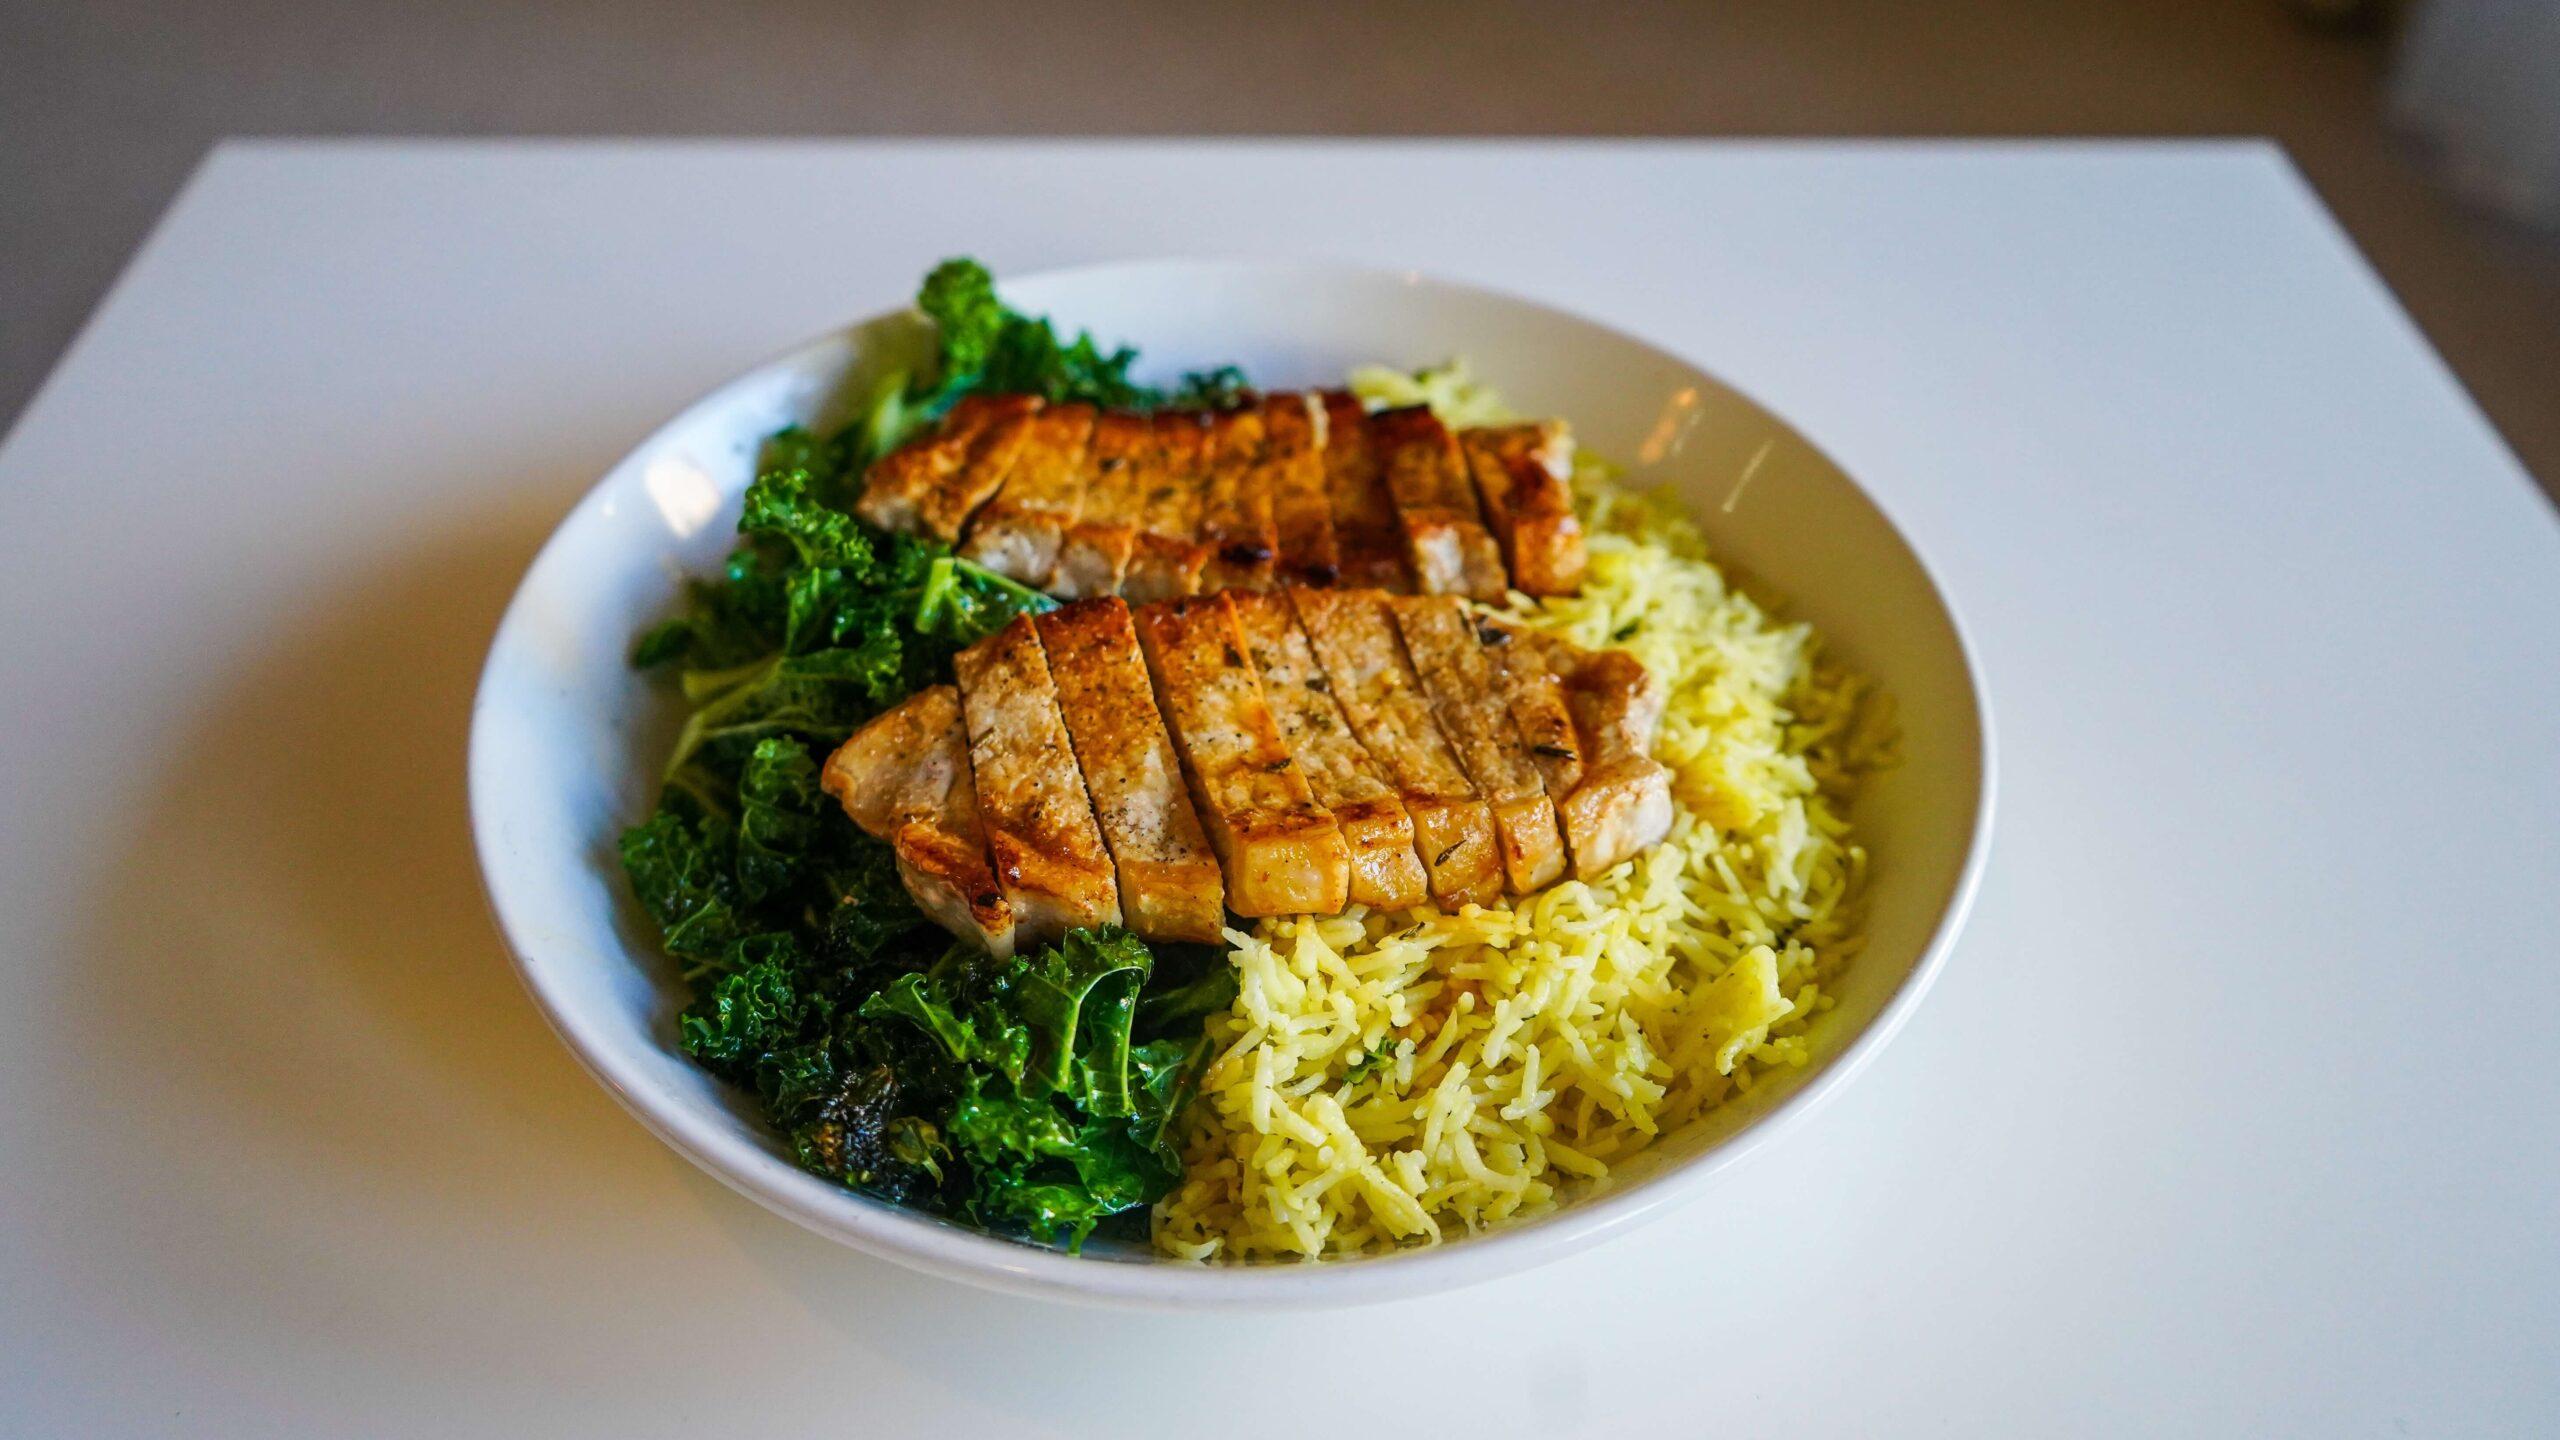 posiłek przed treningowy - ryż z kurczakiem i szpinakiem